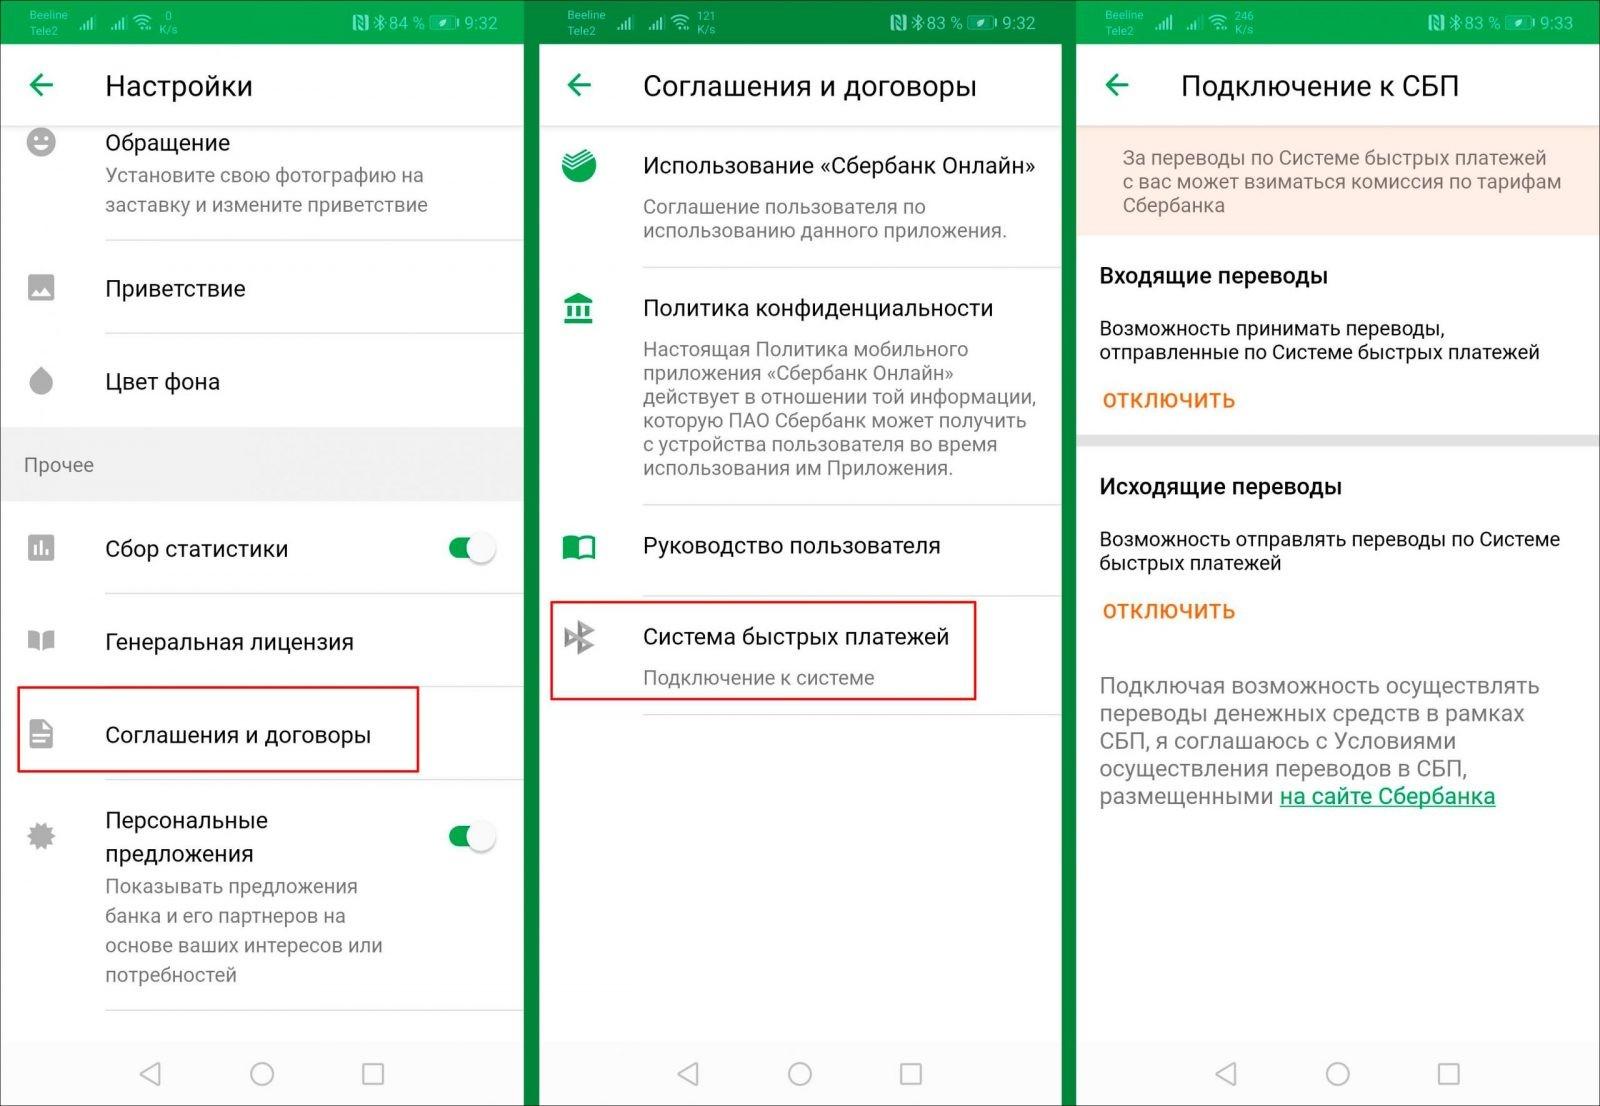 Как настроить мобильное приложение Сбербанка для подключения к системе  быстрых платежей | Digital Russia